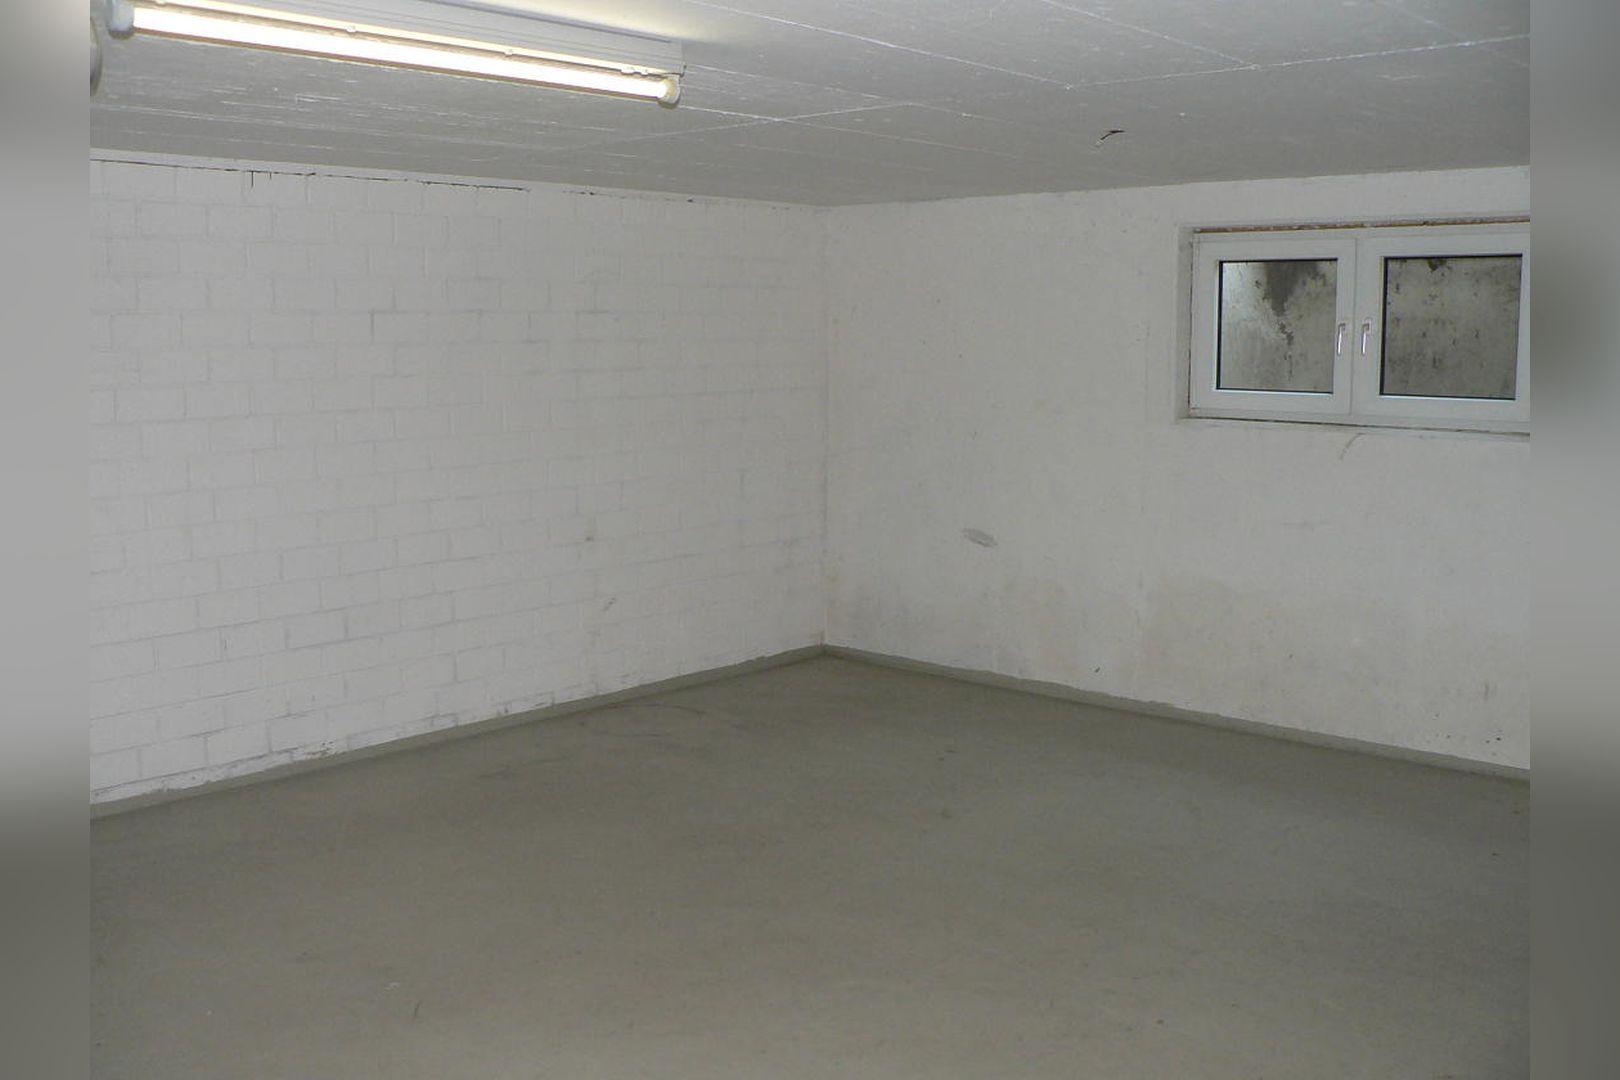 Immobilie Nr.0264 - großzügige Vier-Raum-Wohnung mit Riesenkellerraum für Hobby etc. - Bild 18.jpg